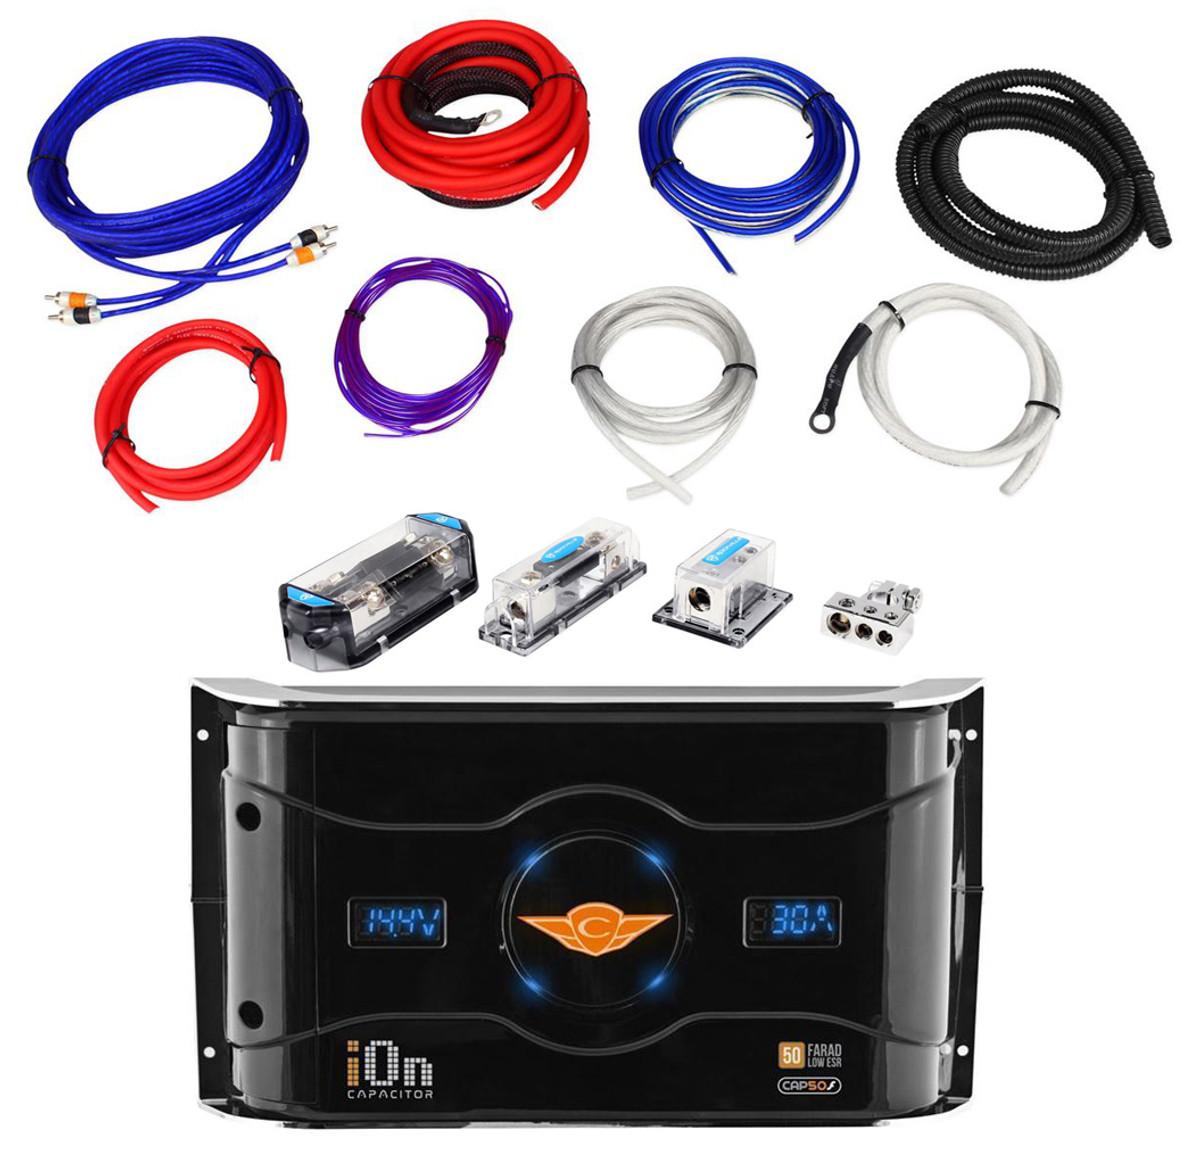 rockville rda0 4k 0 4 gauge dual amp install kit cap50f 50 farad dual amp wiring kit with capacitor [ 1200 x 1150 Pixel ]